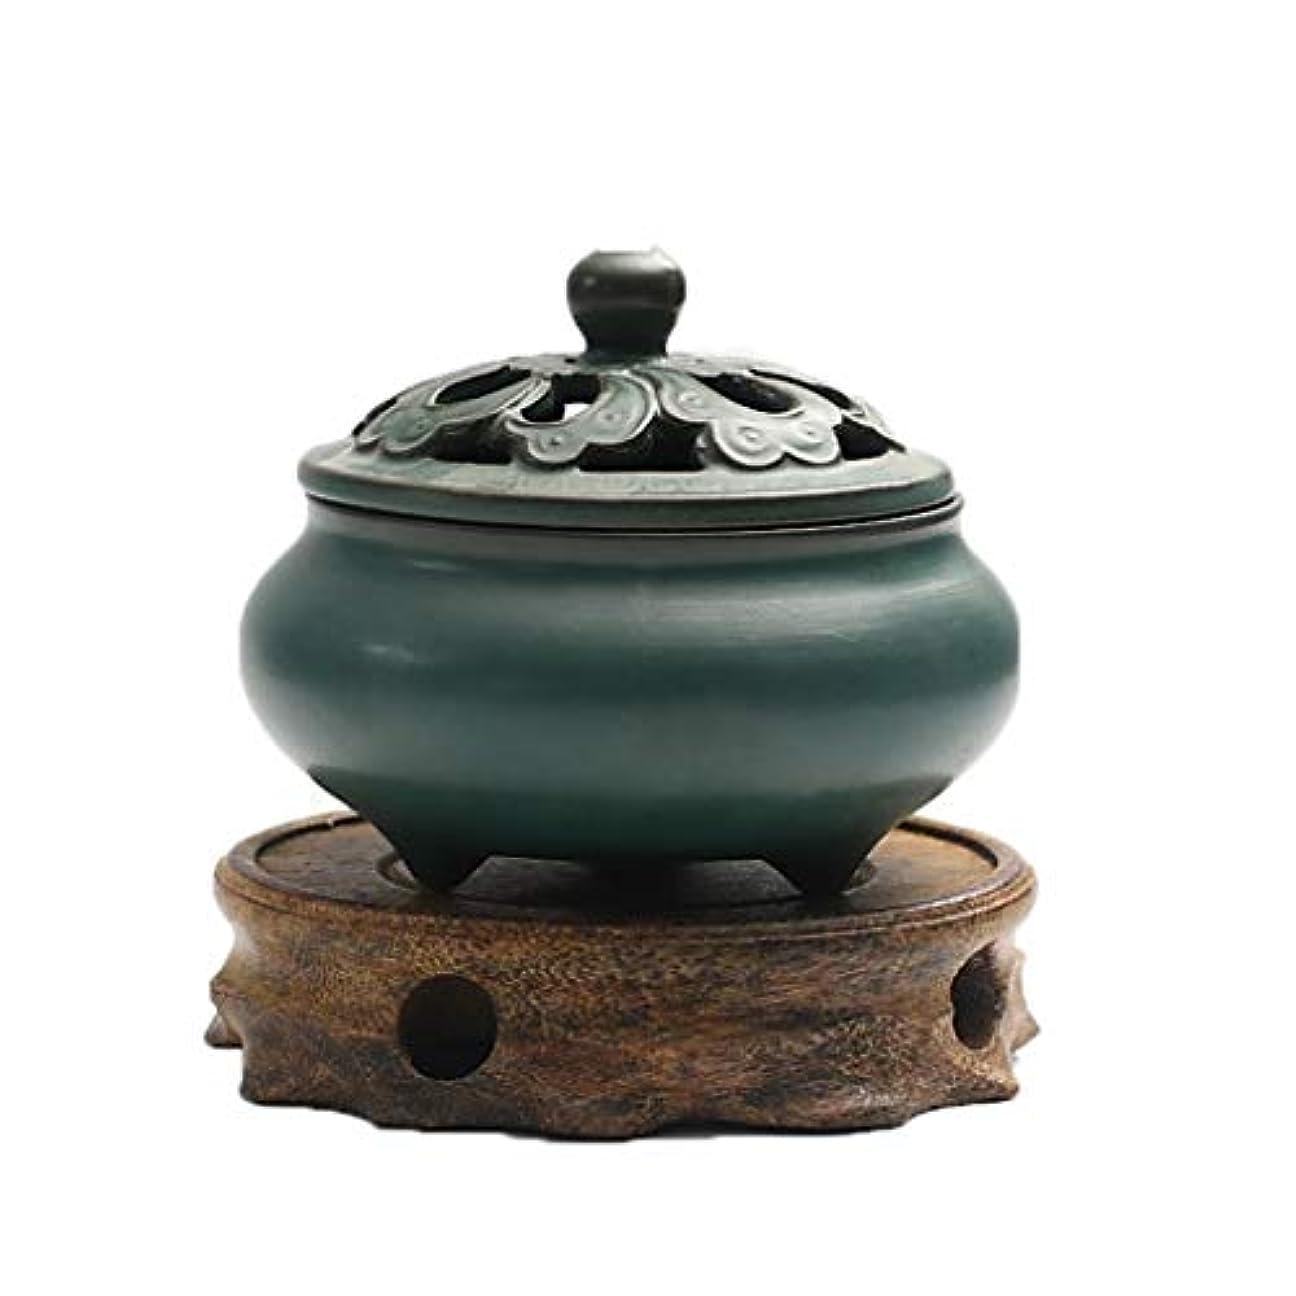 芳香器?アロマバーナー レトロなノスタルジックなセラミック釉薬小さな香バーナー屋内ライトグリーンティーセレモニーアロマテラピー炉 アロマバーナー (Color : Wooden board)